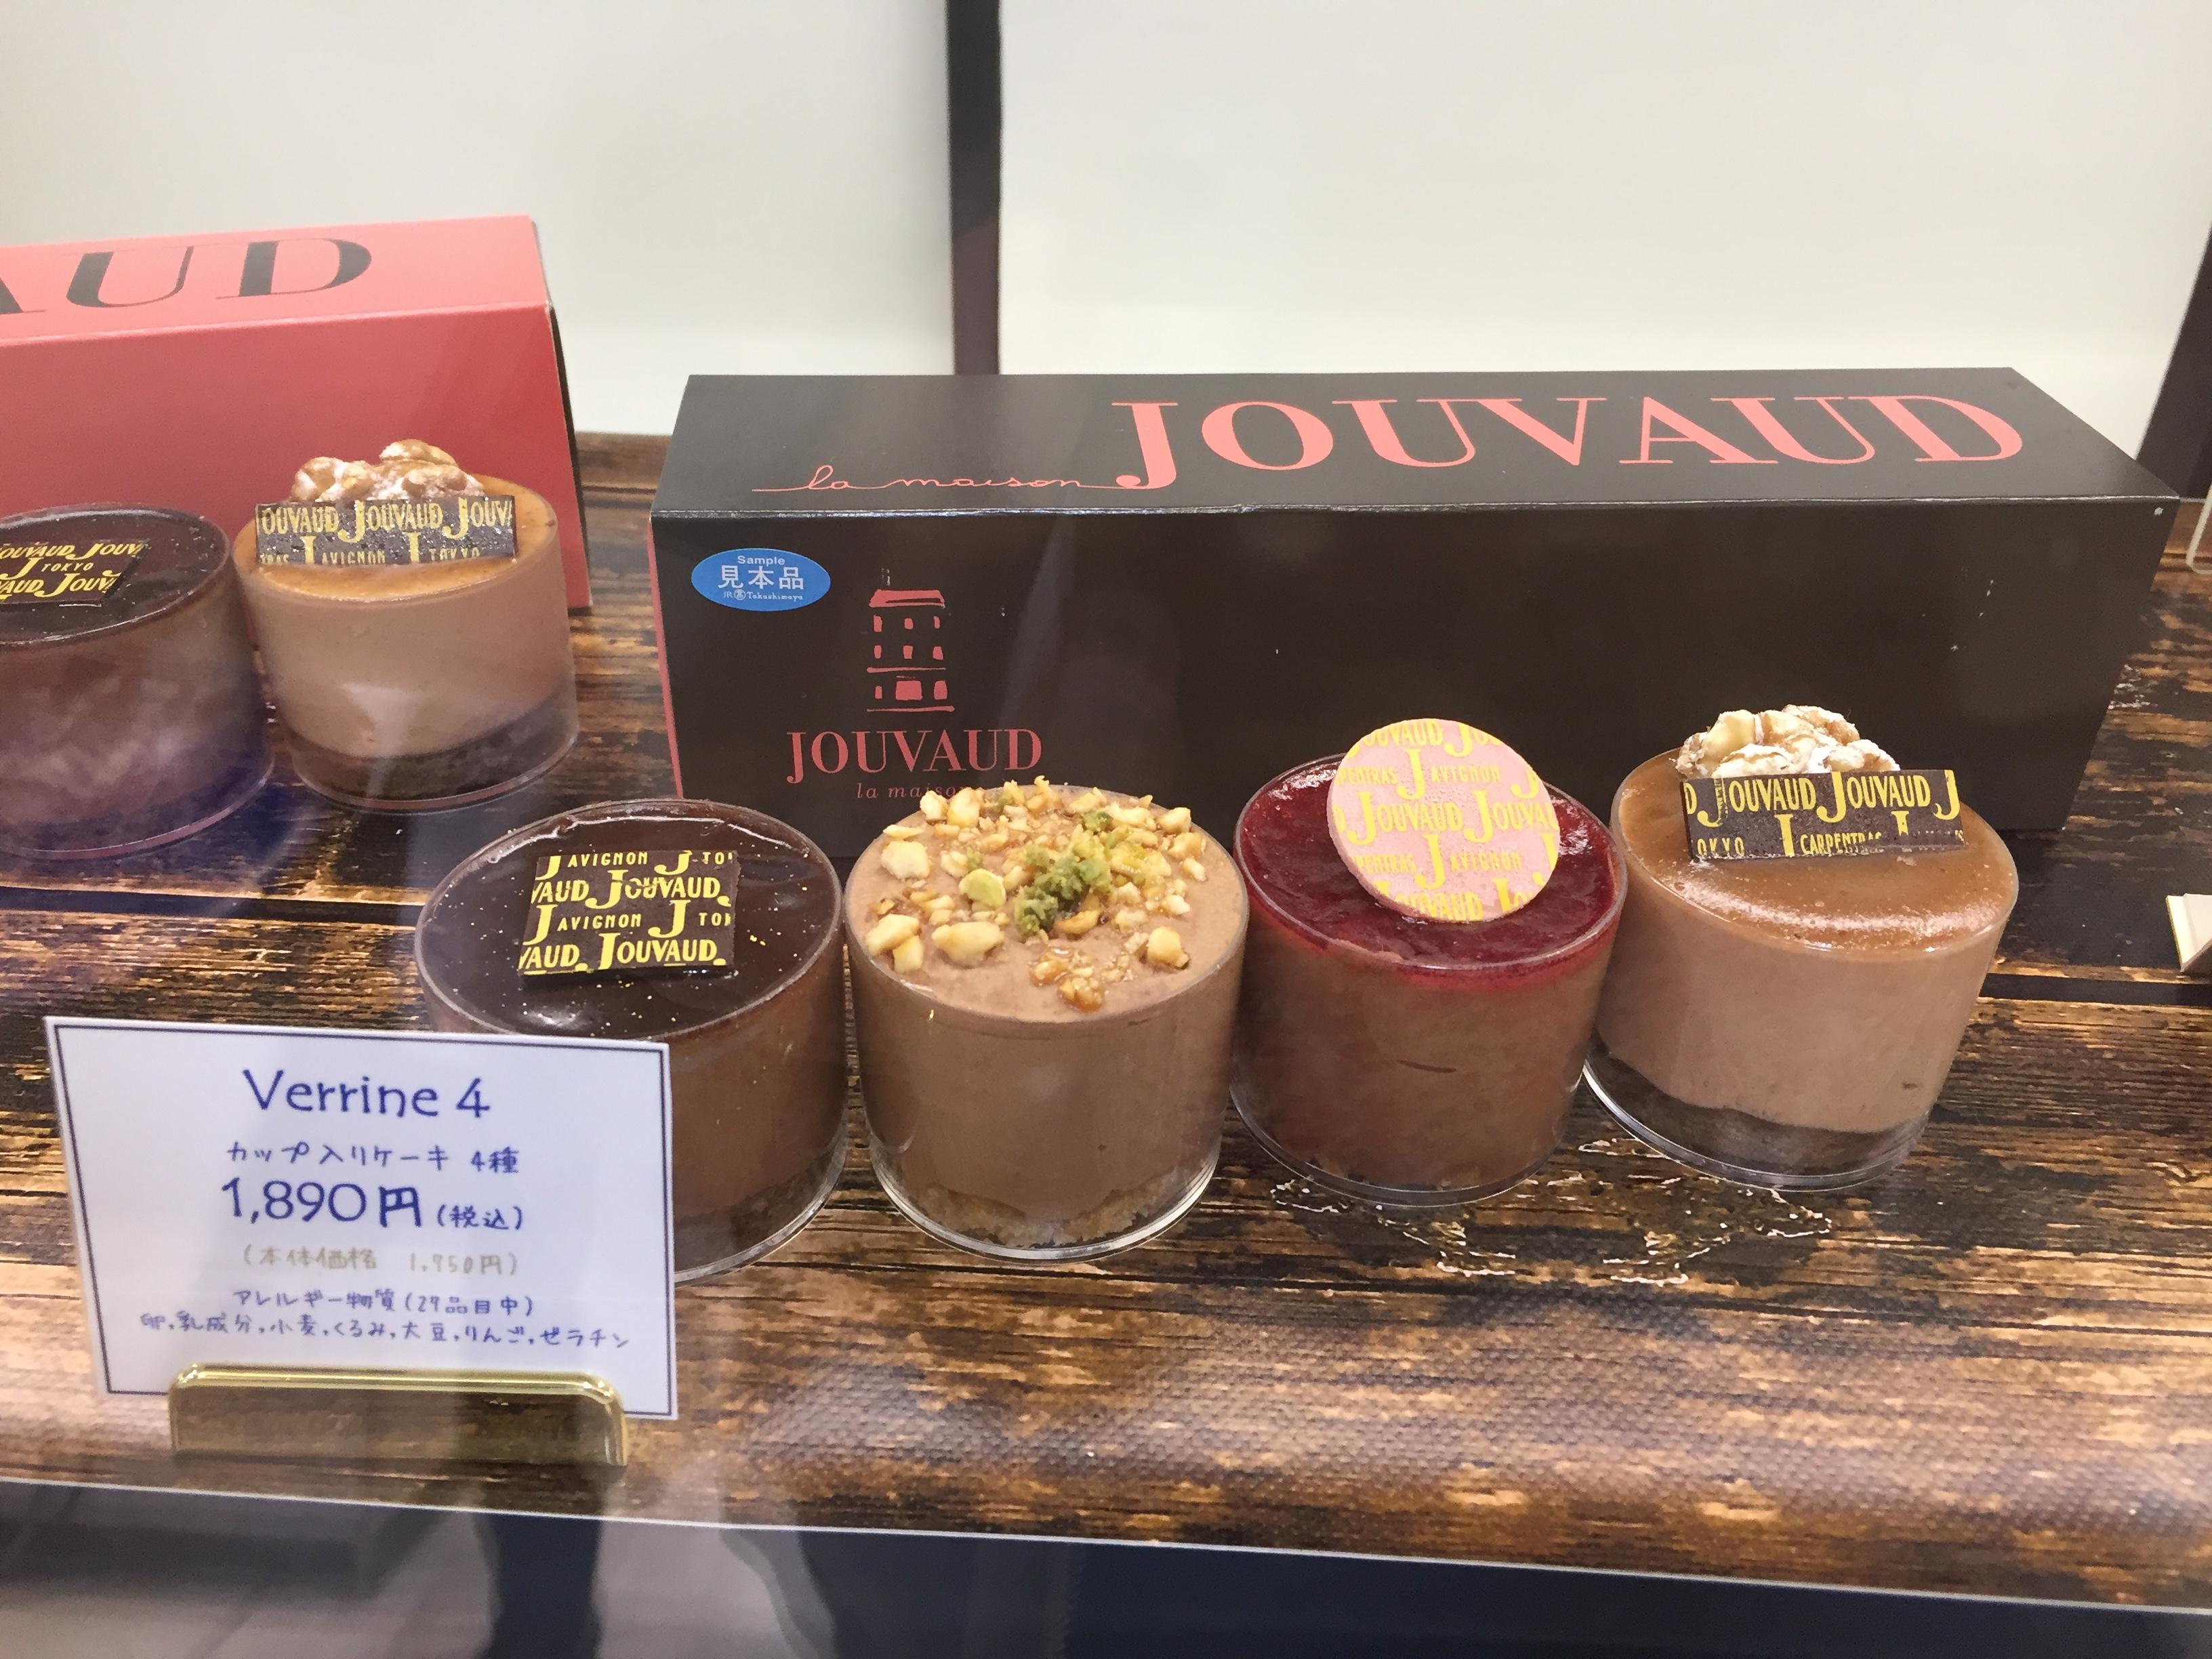 アムールデュショコラ2019自分へのご褒美チョコレートと売切れ状況!!バレンタイン名古屋高島屋